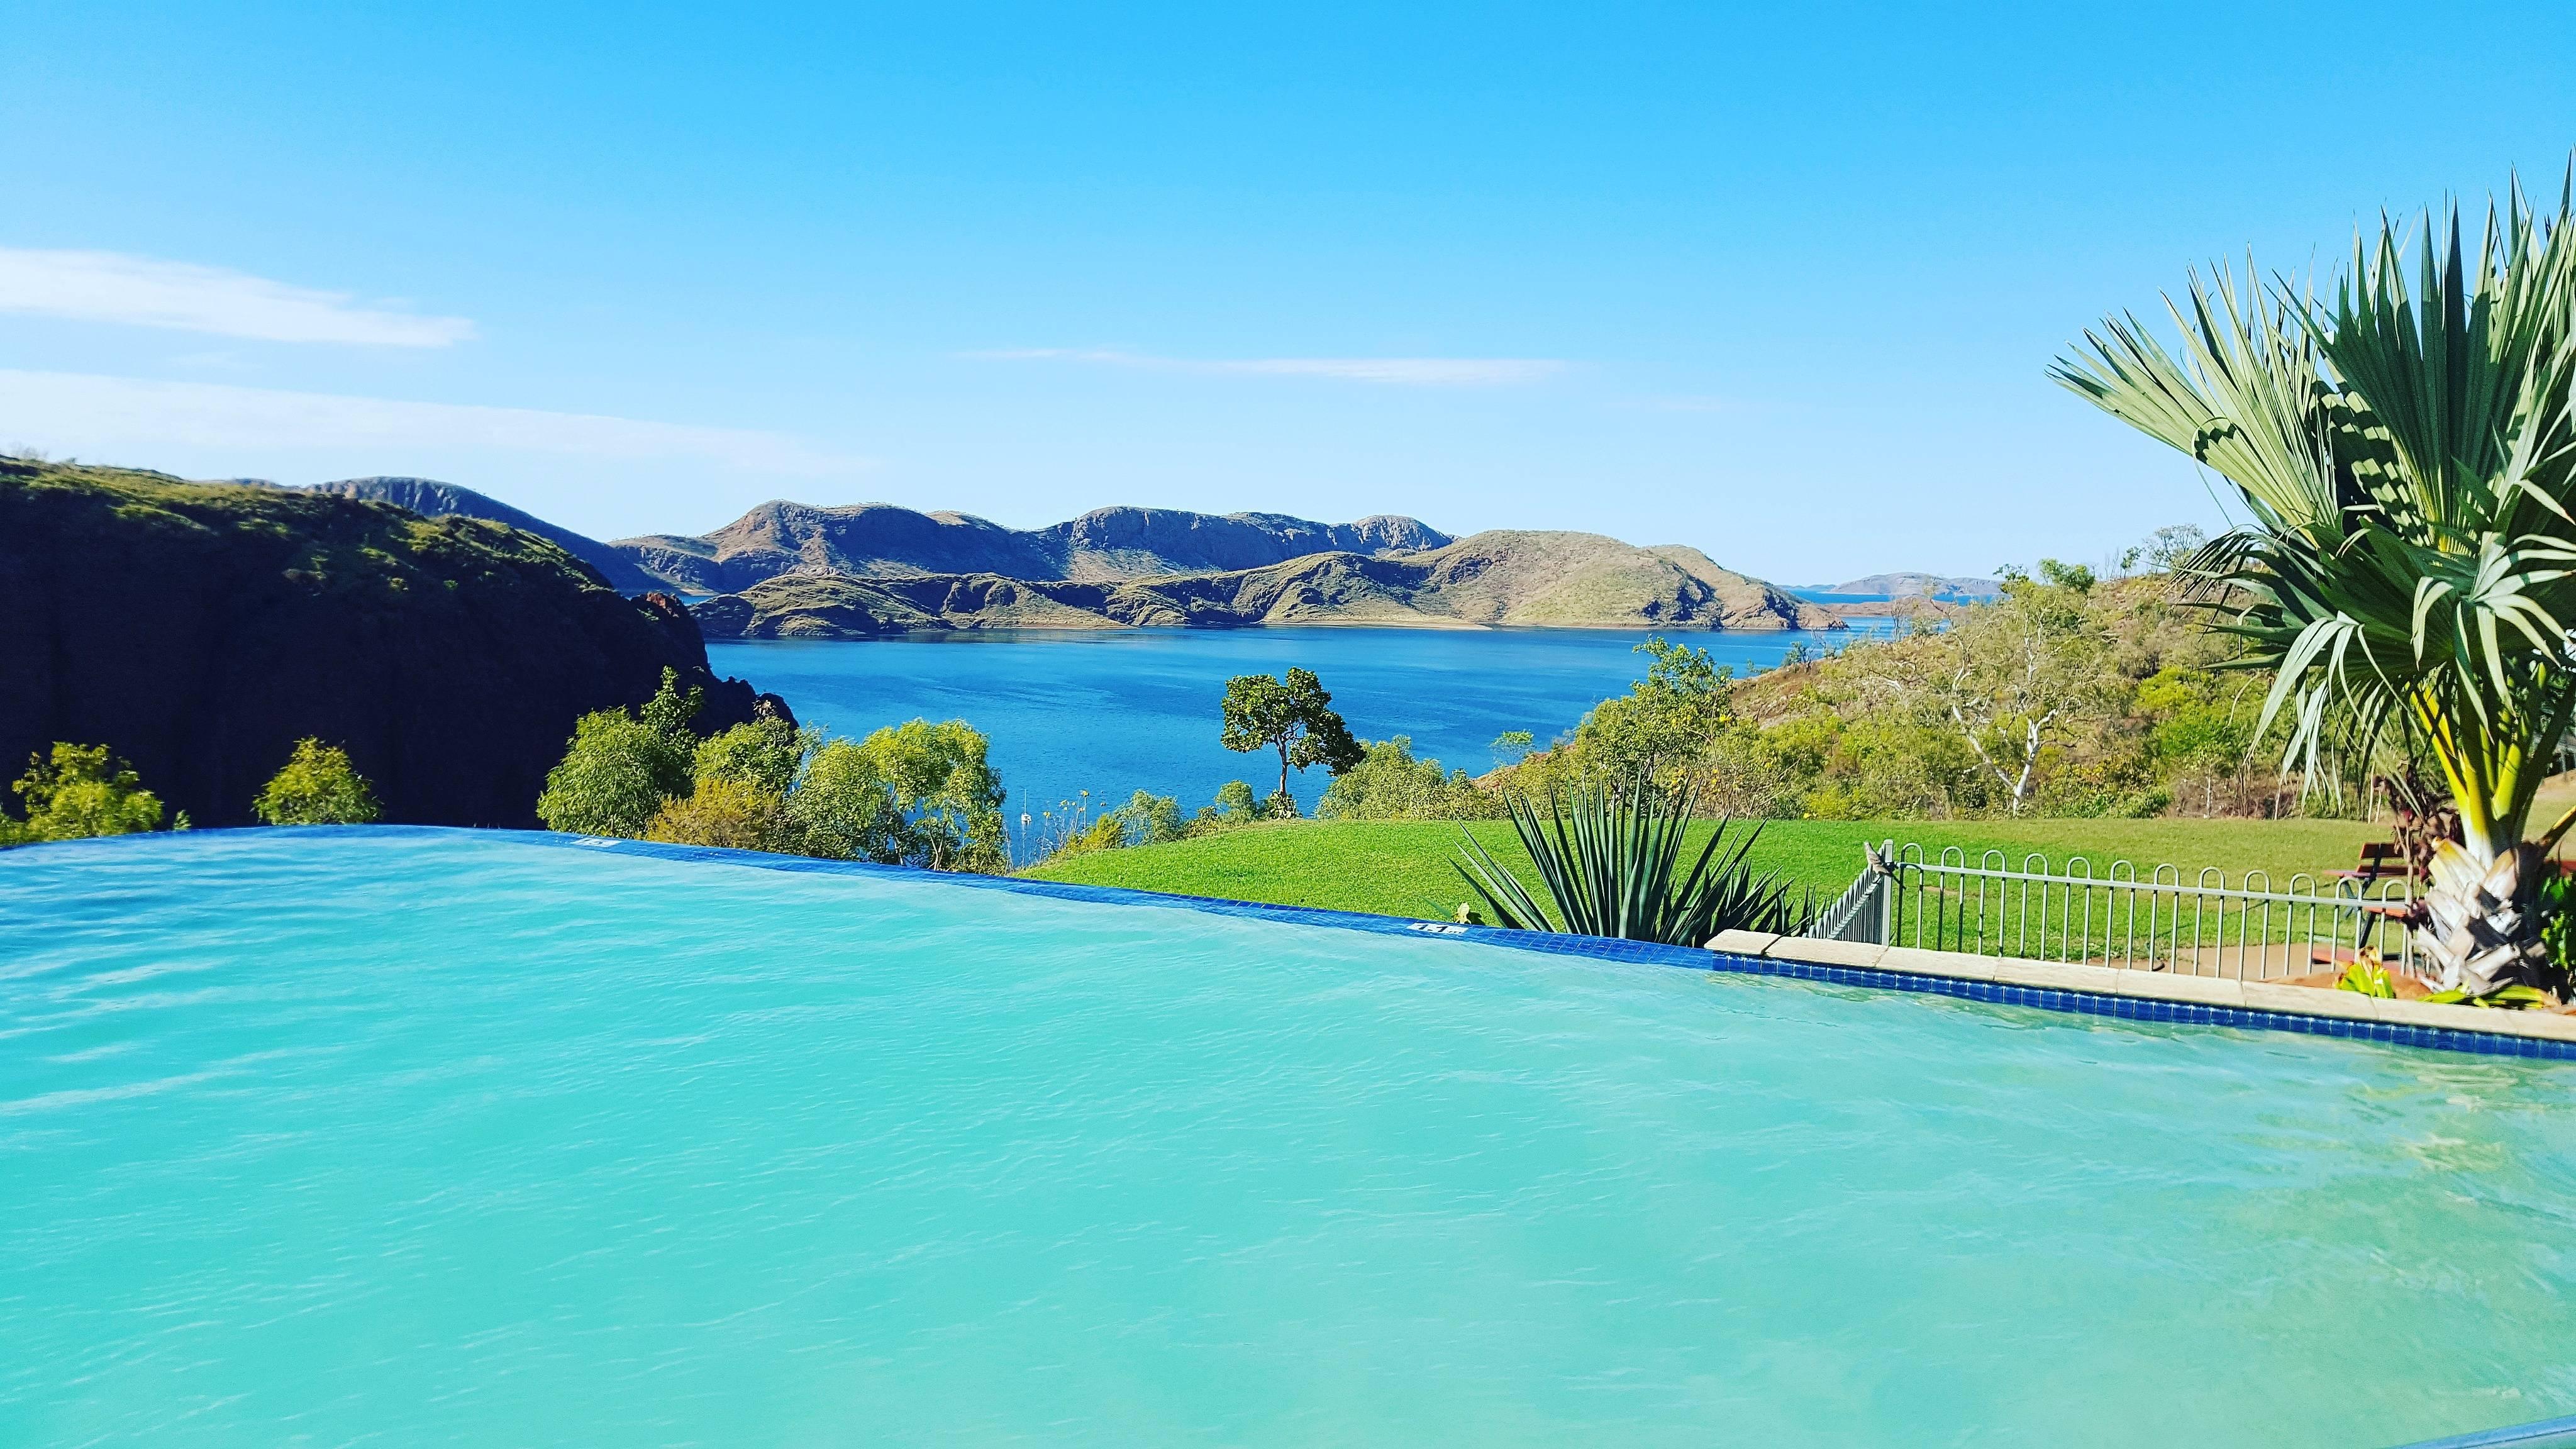 Photo 1: Argyle Lake, Australia.